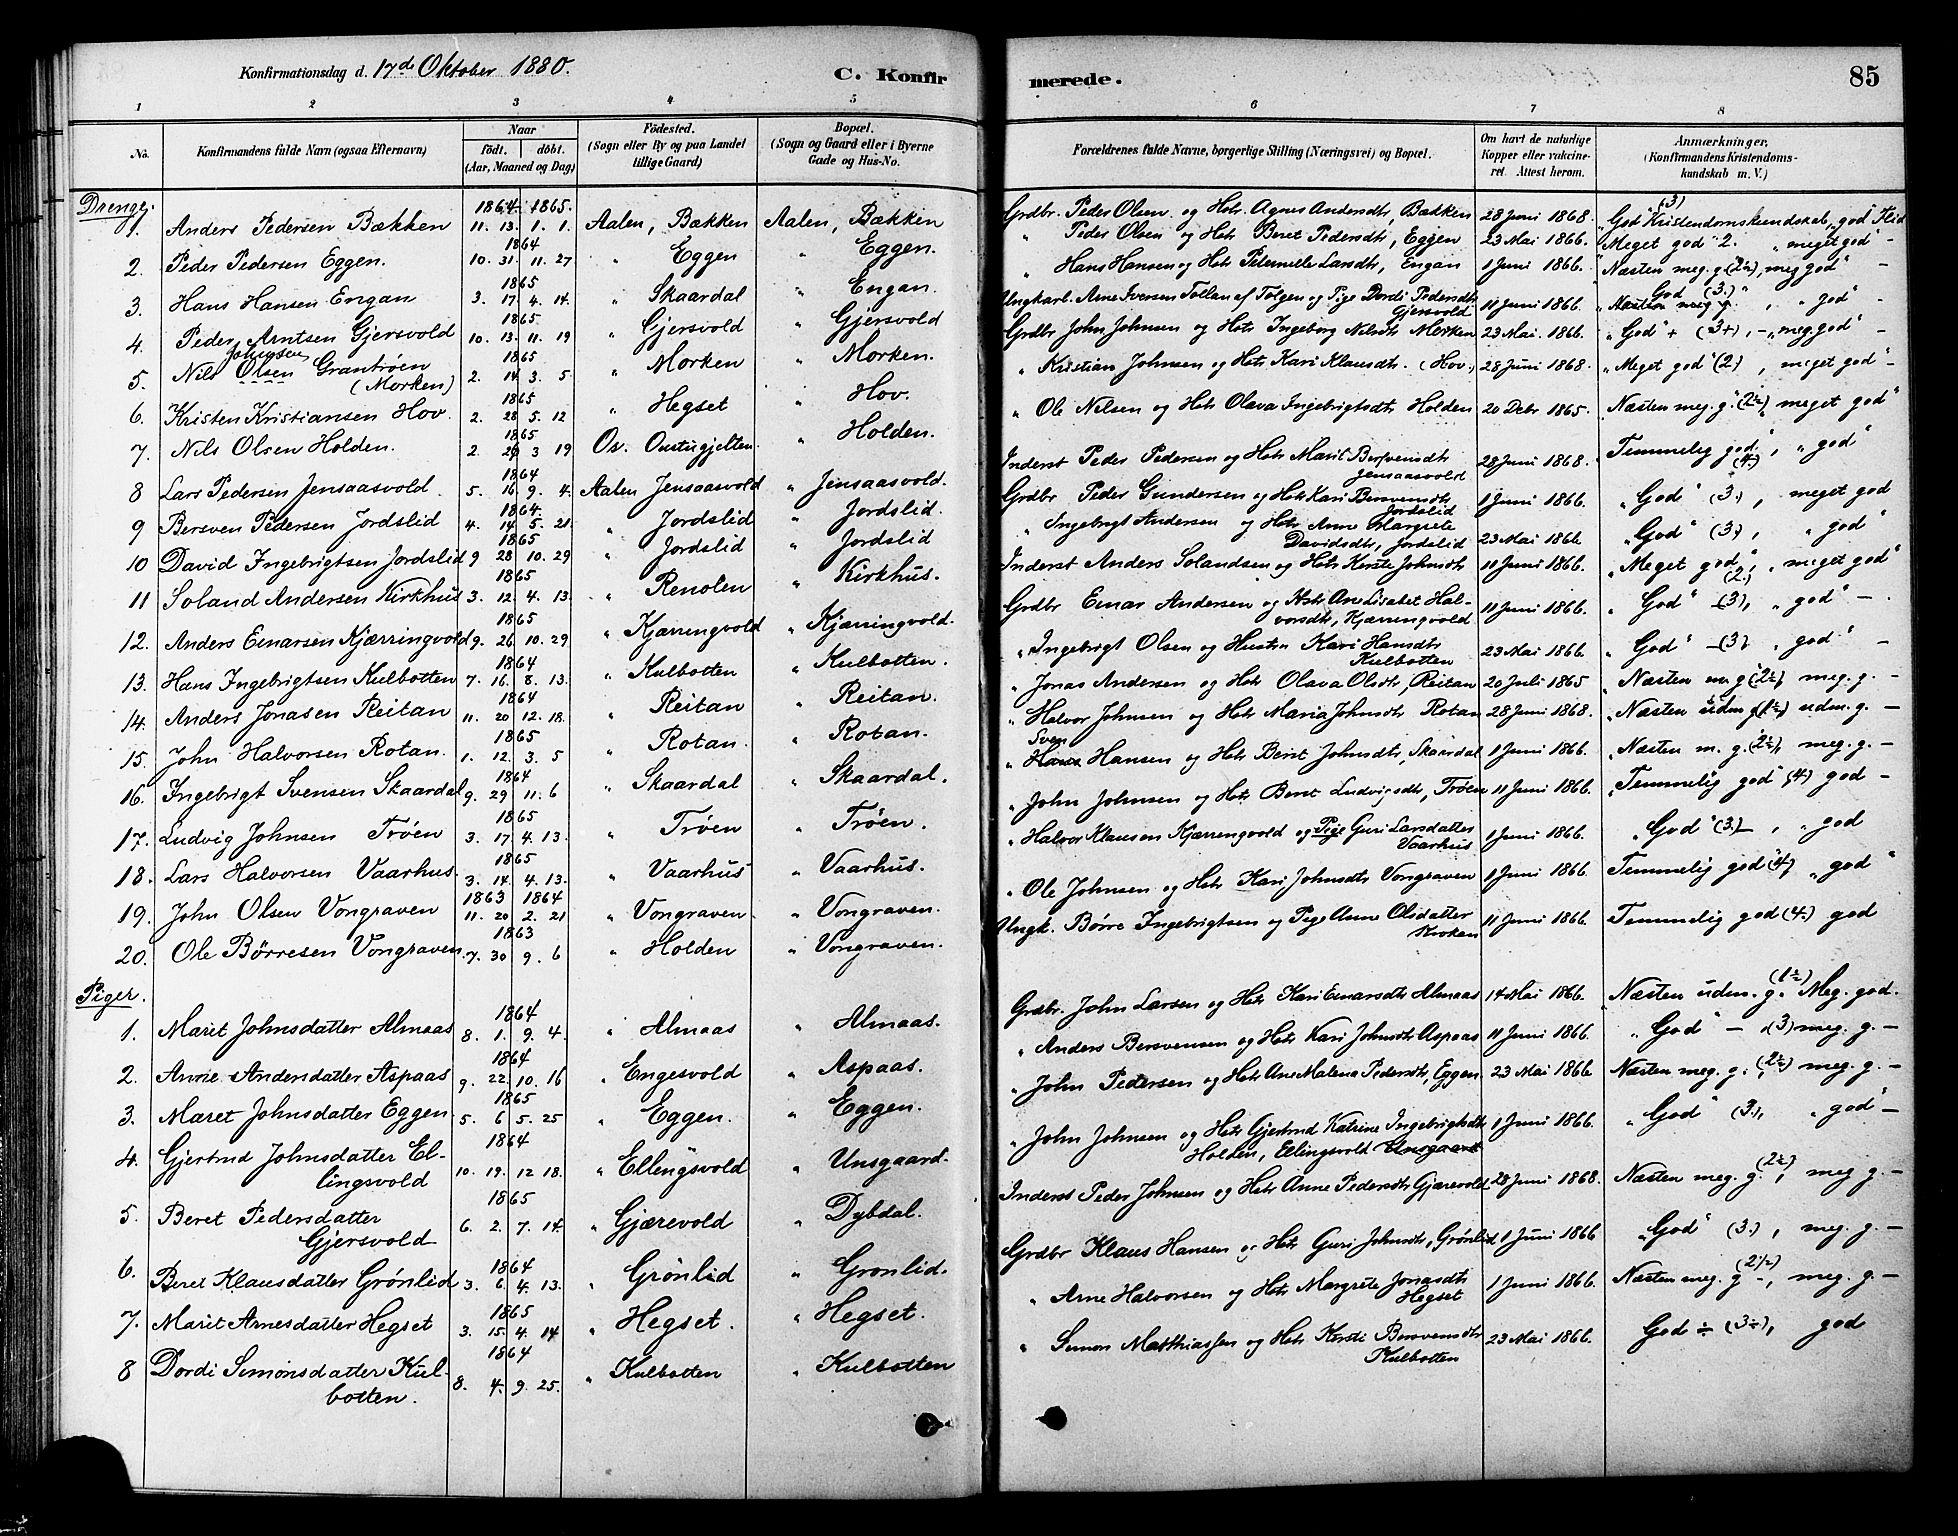 SAT, Ministerialprotokoller, klokkerbøker og fødselsregistre - Sør-Trøndelag, 686/L0983: Ministerialbok nr. 686A01, 1879-1890, s. 85